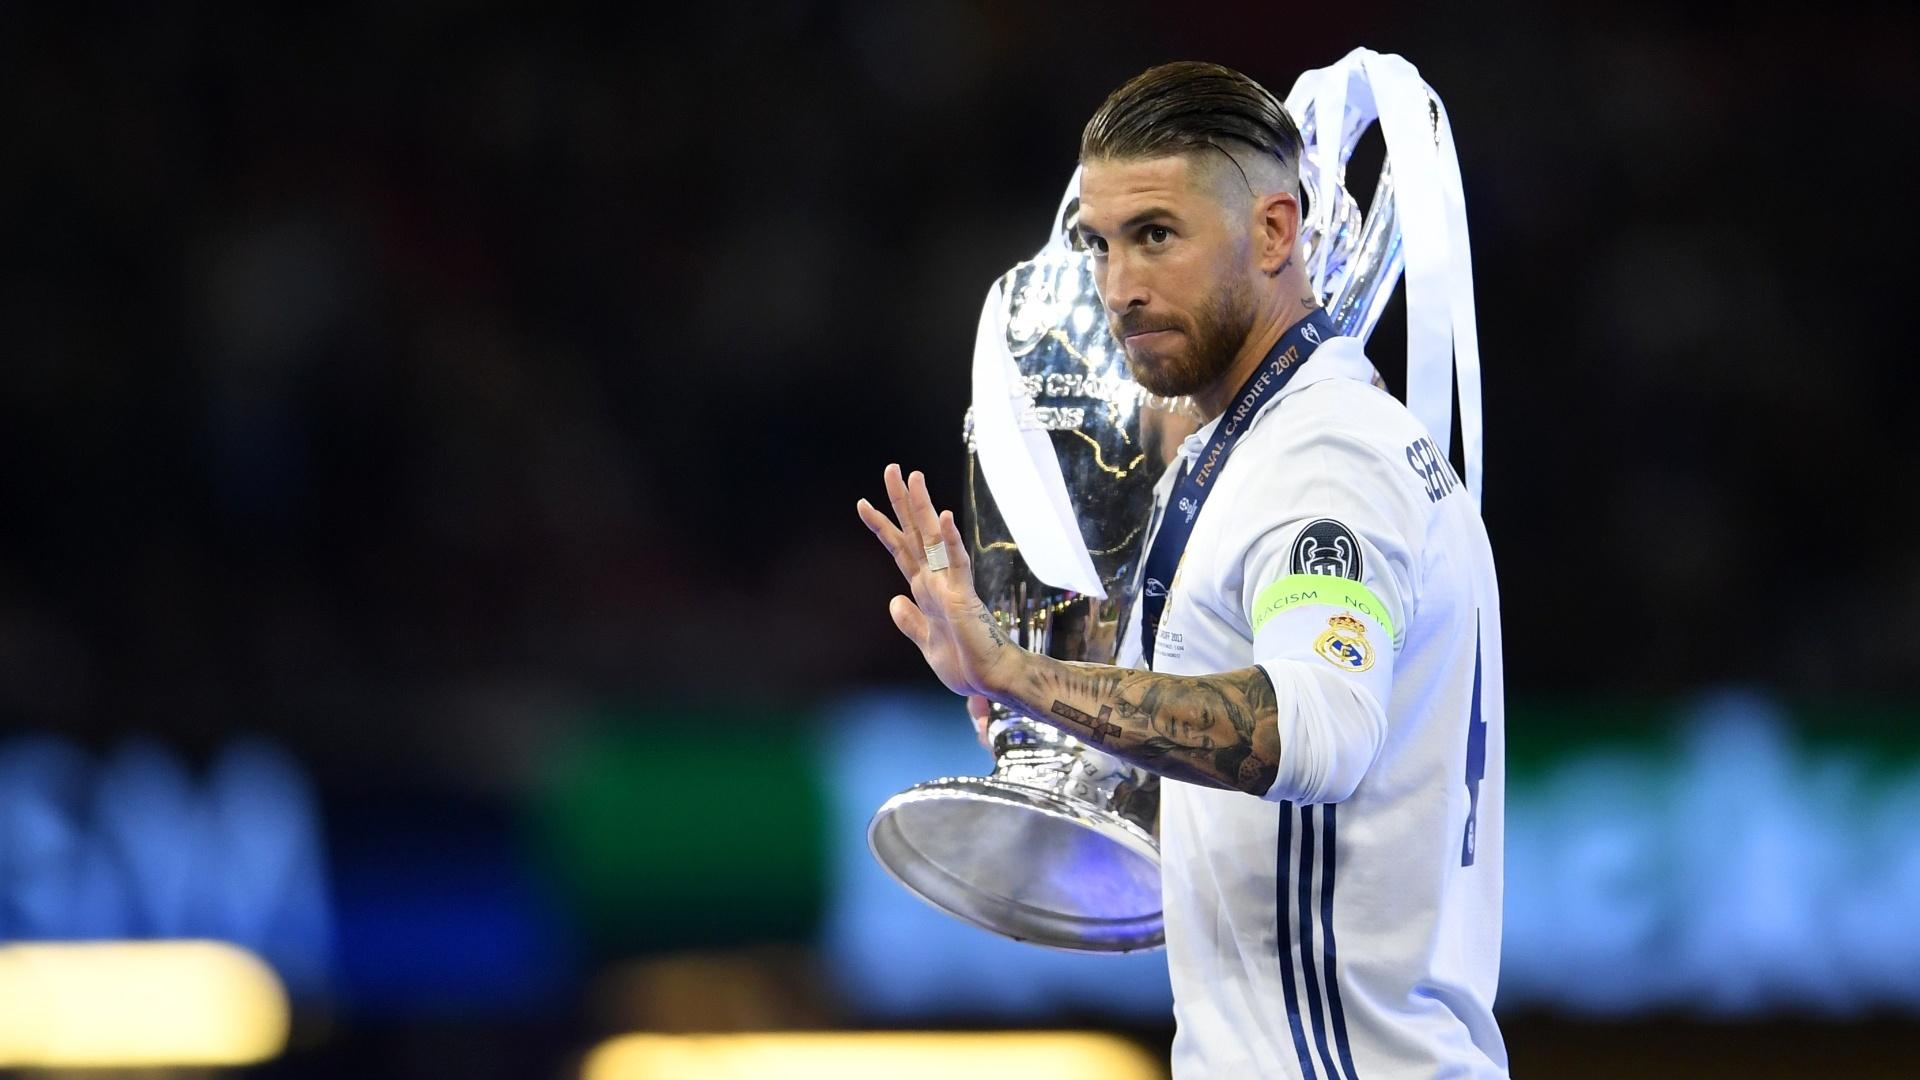 Sergio Ramos carrega taça da Champions no ombro direito